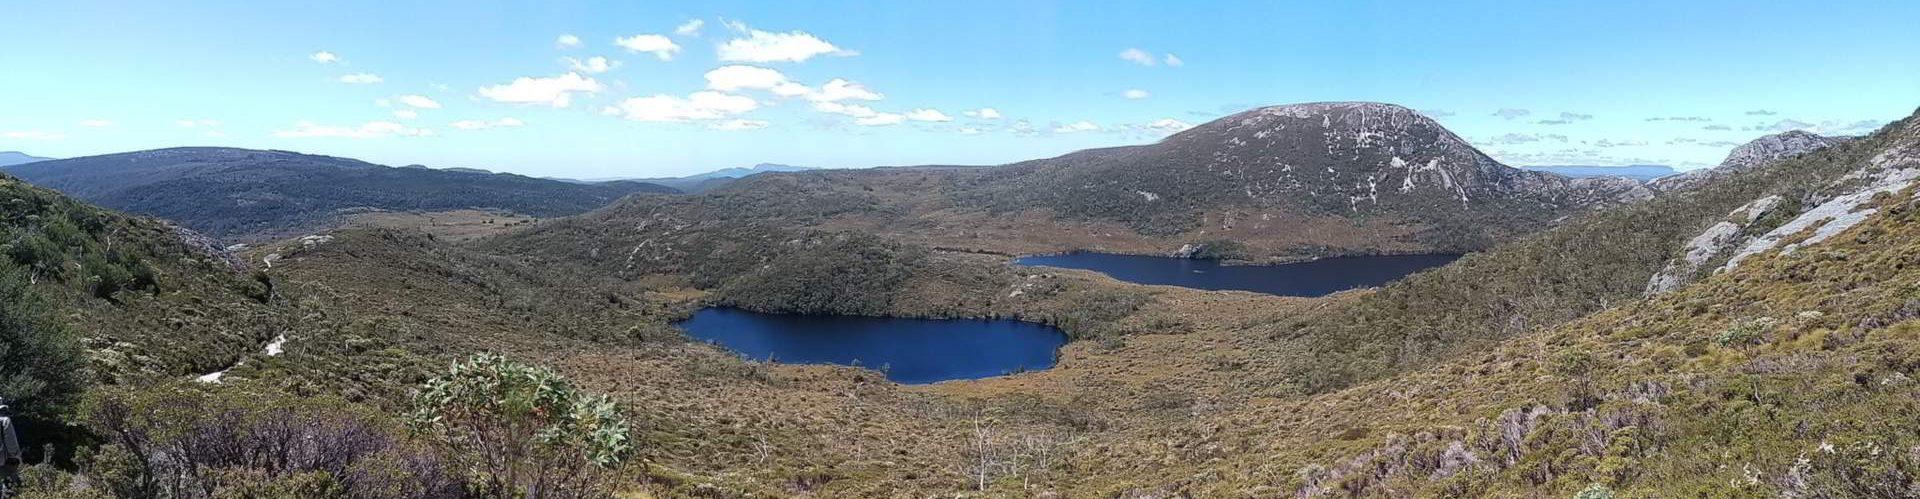 Cradle-Mountain-National-Park-Tasmania